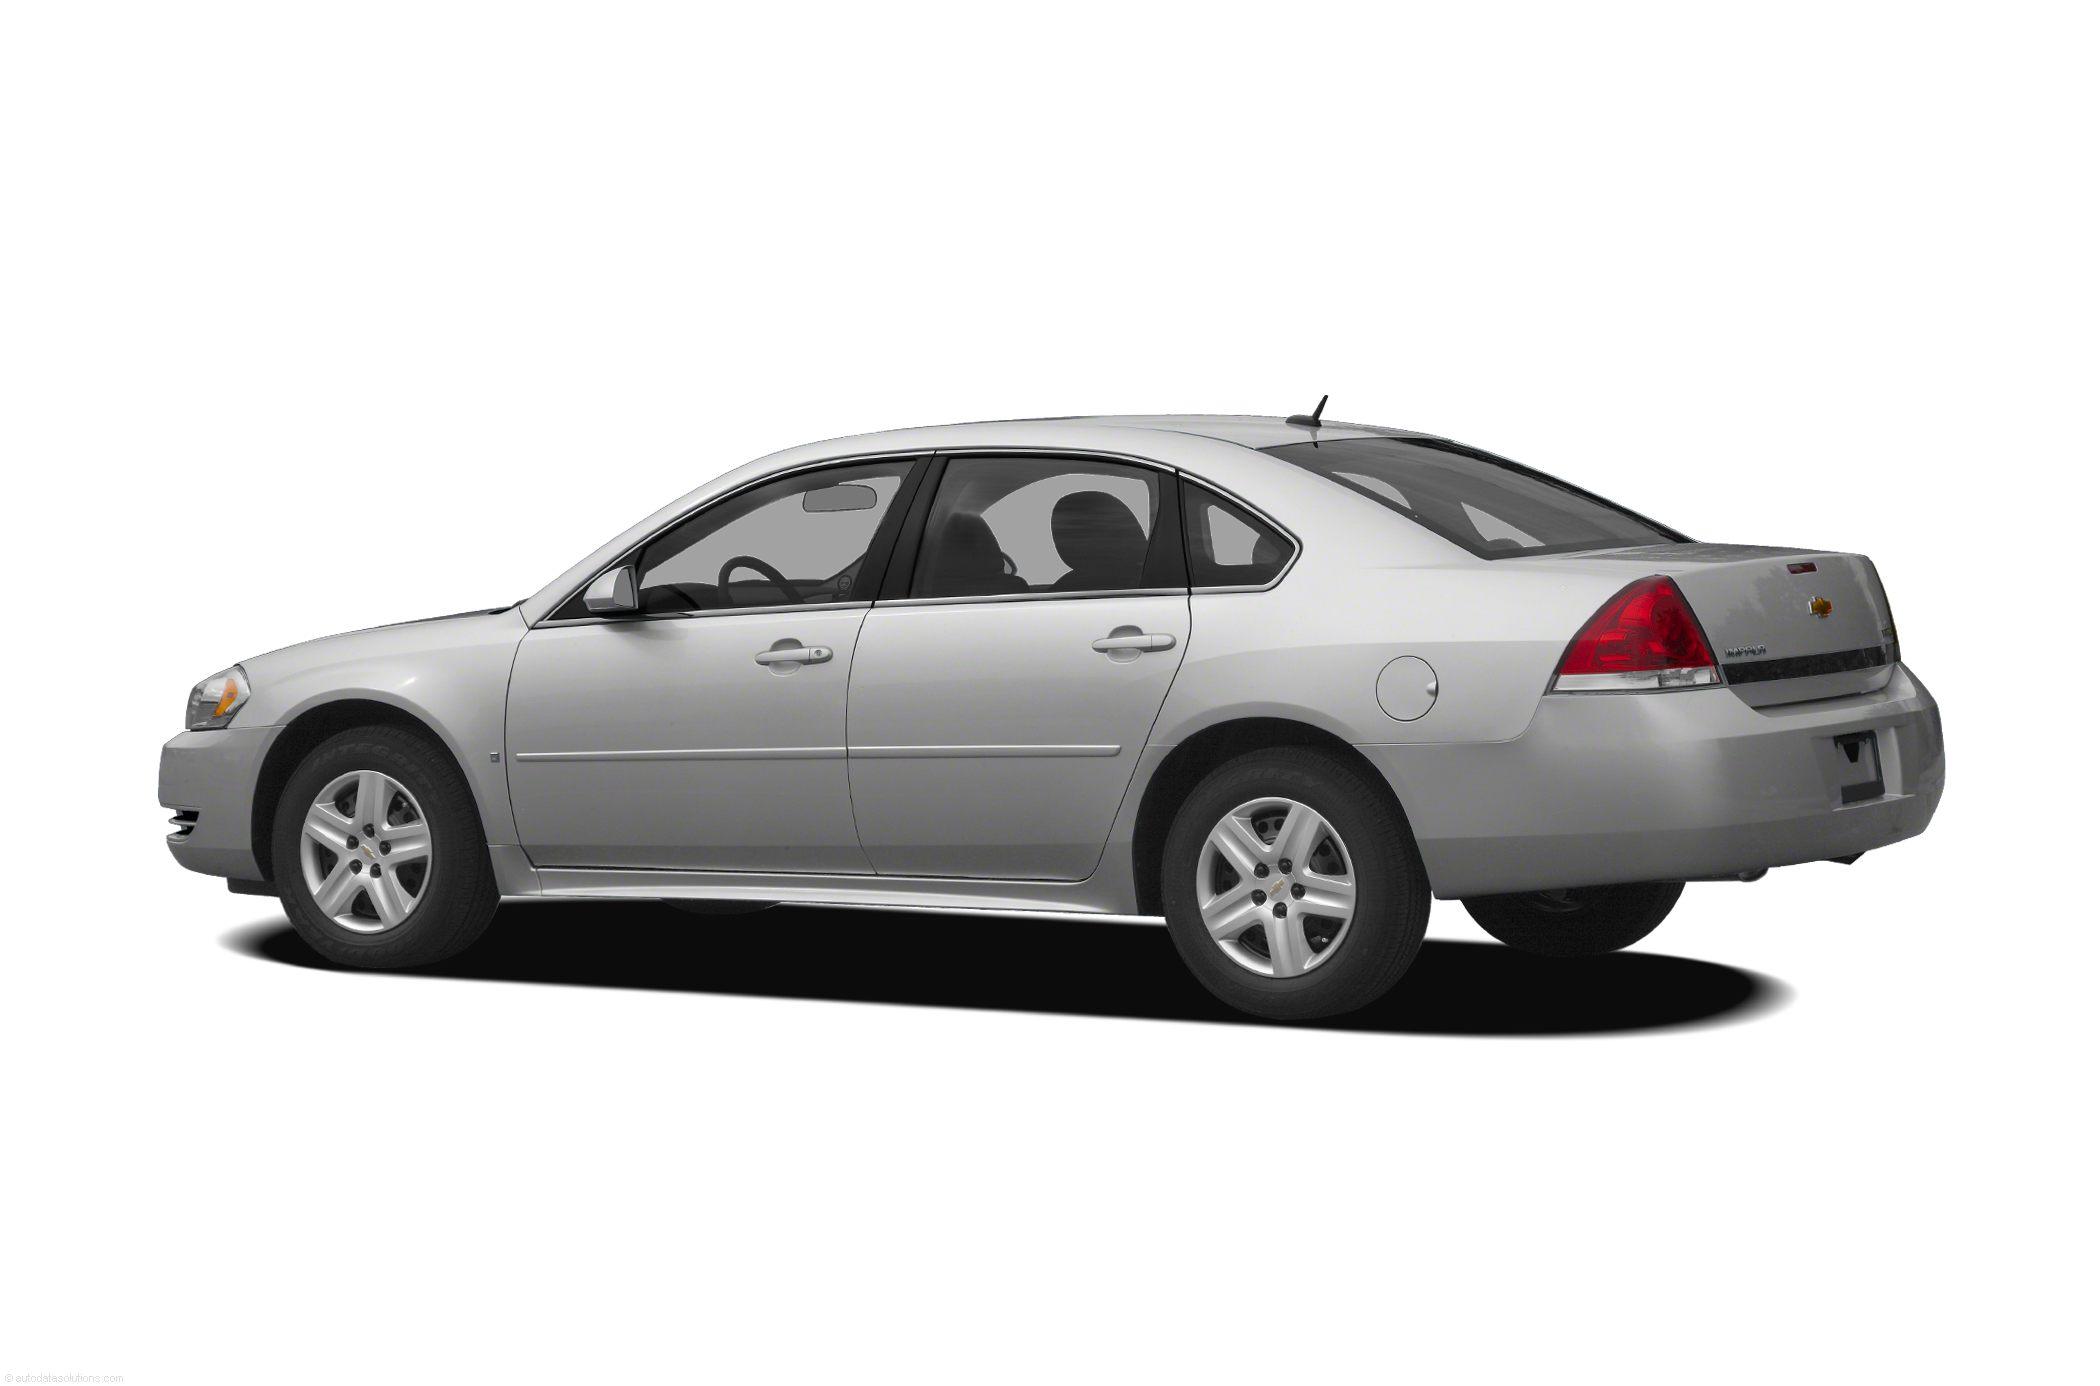 2011 chevrolet impala 15 chevrolet impala 15